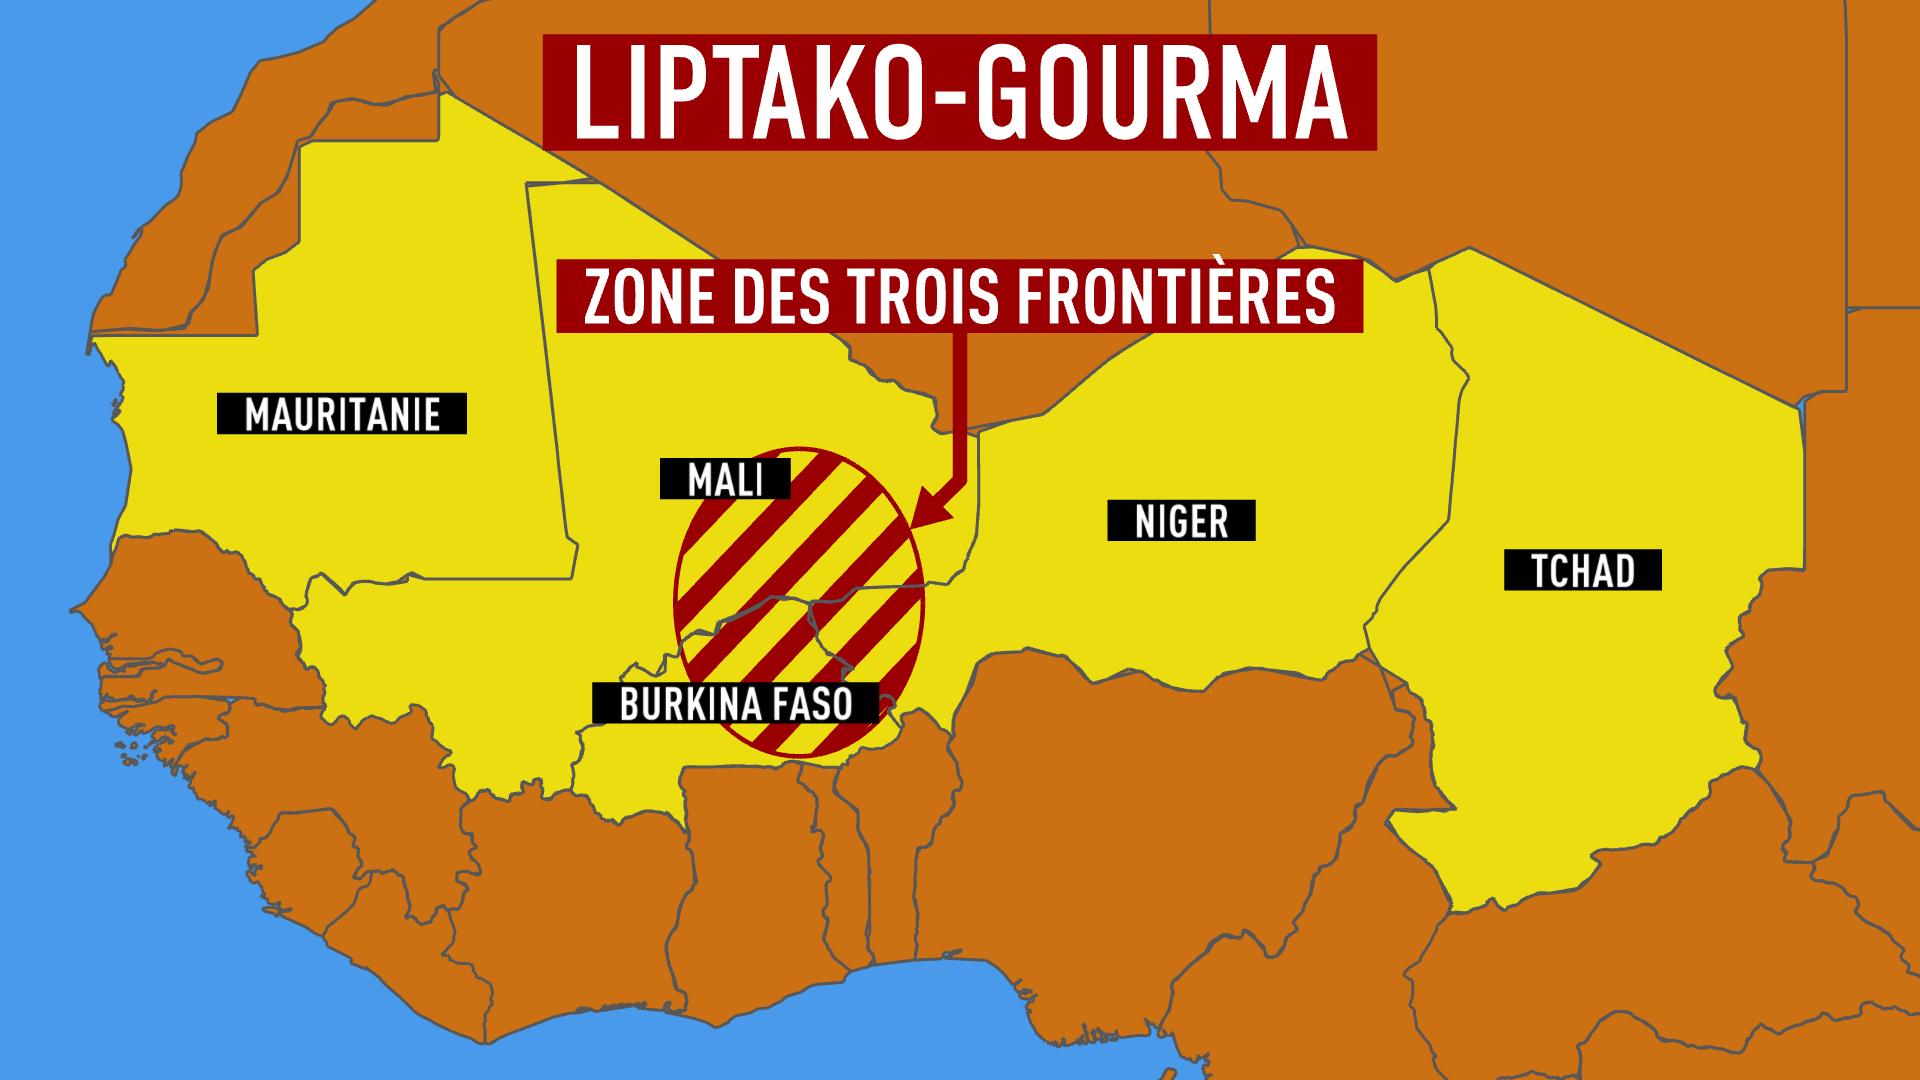 La bande sahélo-saharienne où opère Barkhane, au centre la zone du Liptako malien, également appelée région des trois frontières.